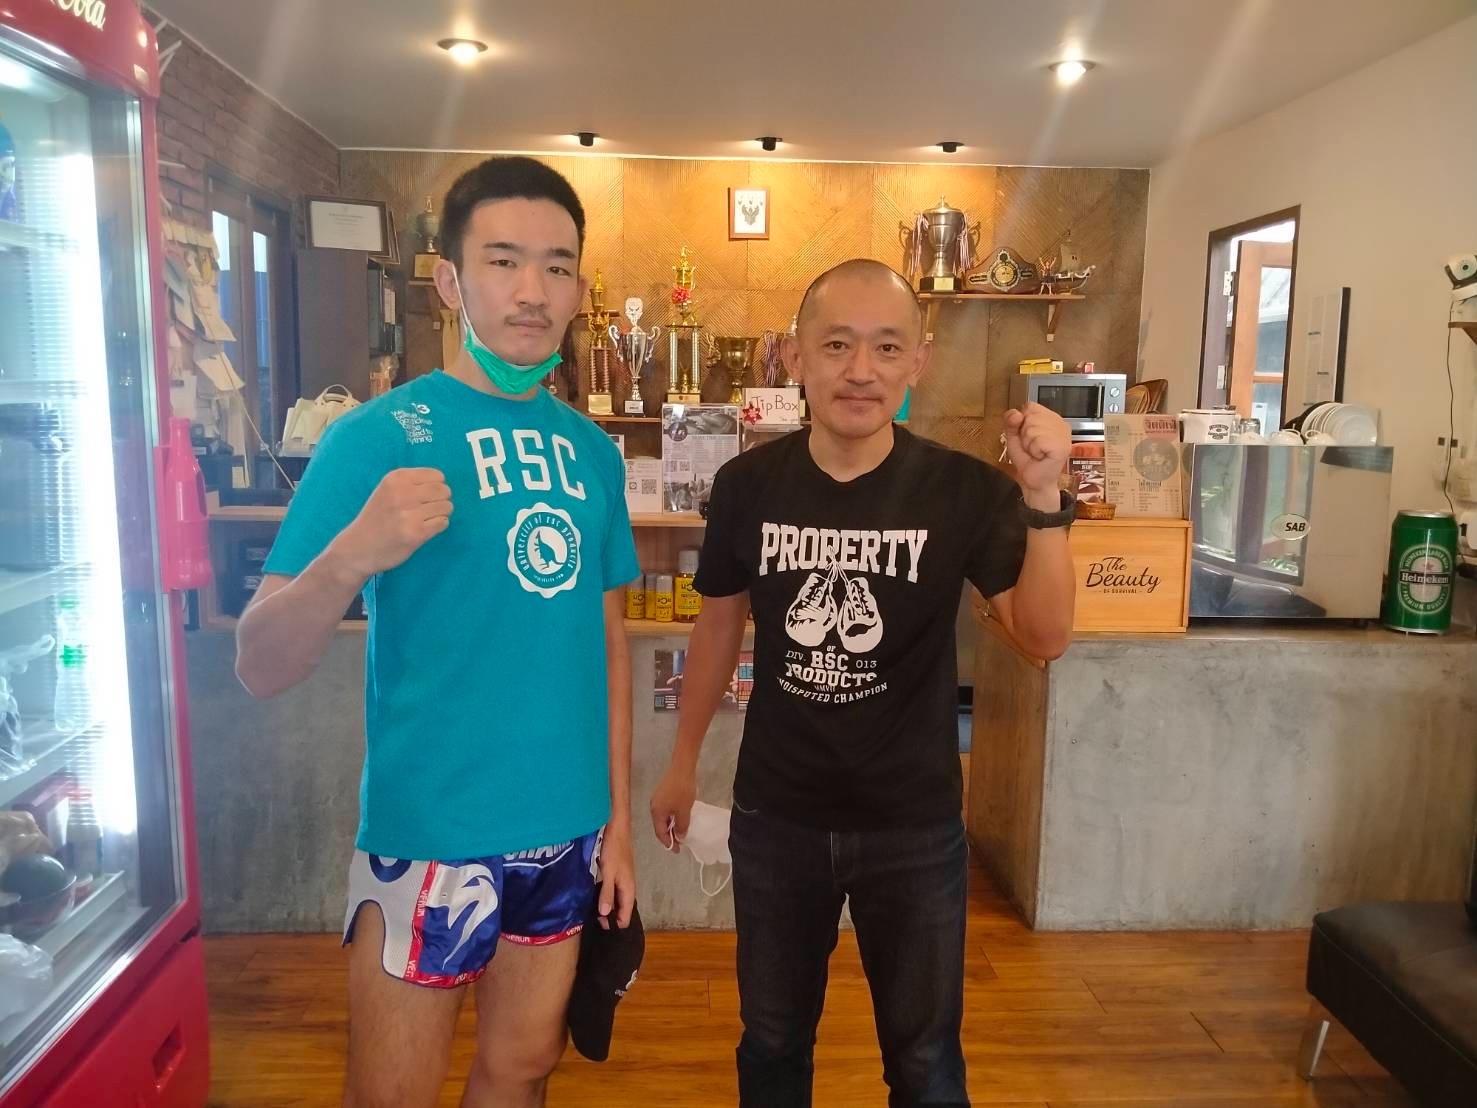 アウェーで40戦、タイ、カンボジアで連戦のムエタイファイター中村慎之介選手 画像2|rsc products公式ウェブサイト